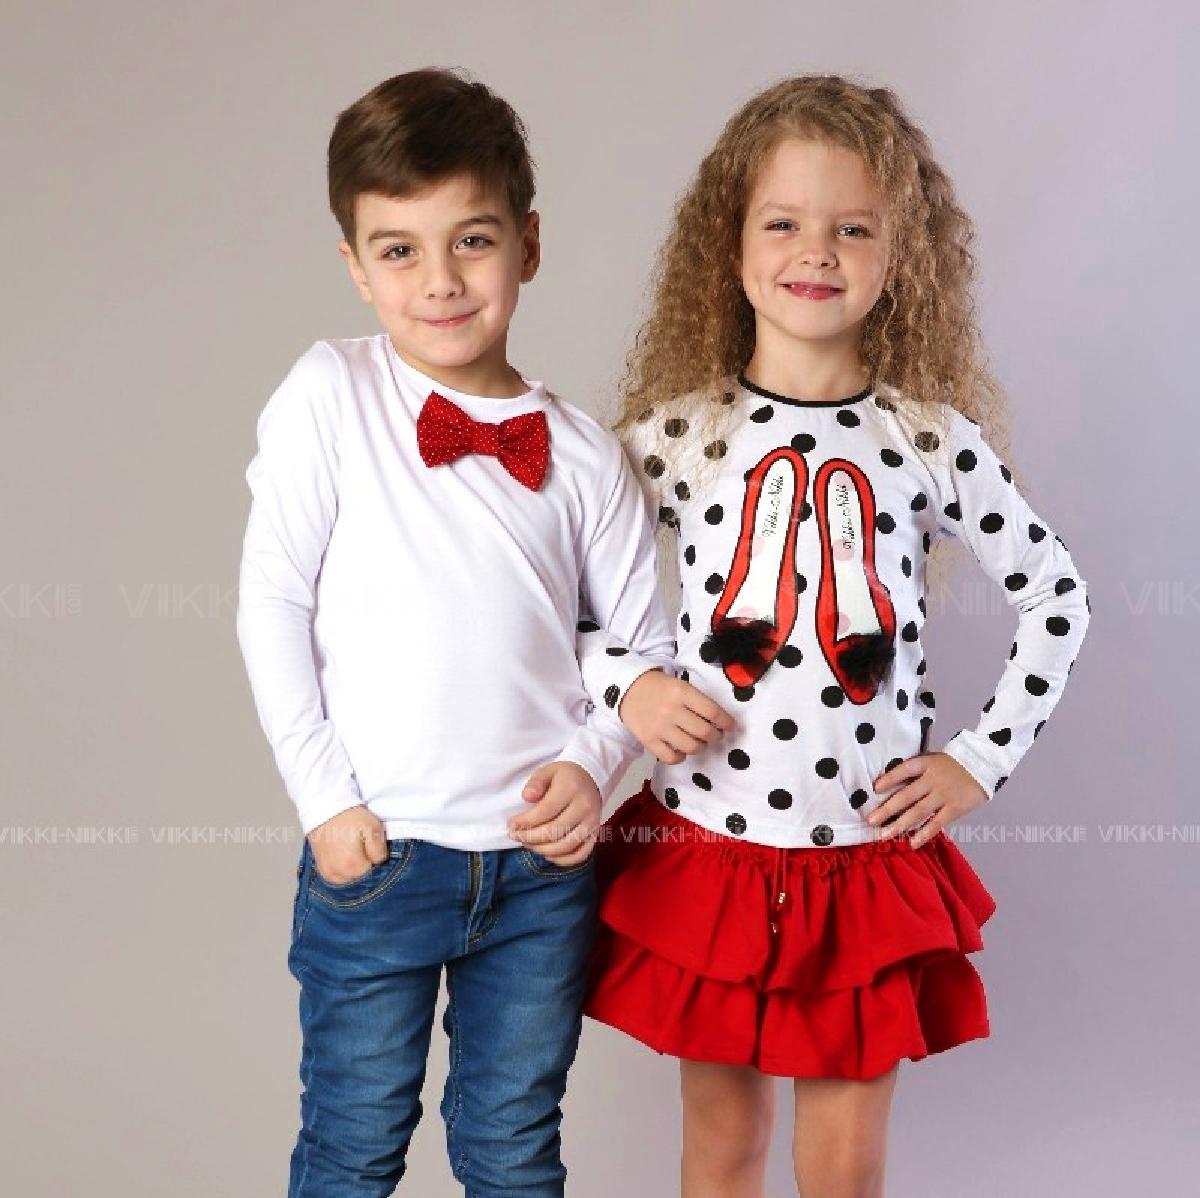 Сбор заказов. Супер-пупер детская одежда. Красота + Удобство + Практичность. Сбор 1.